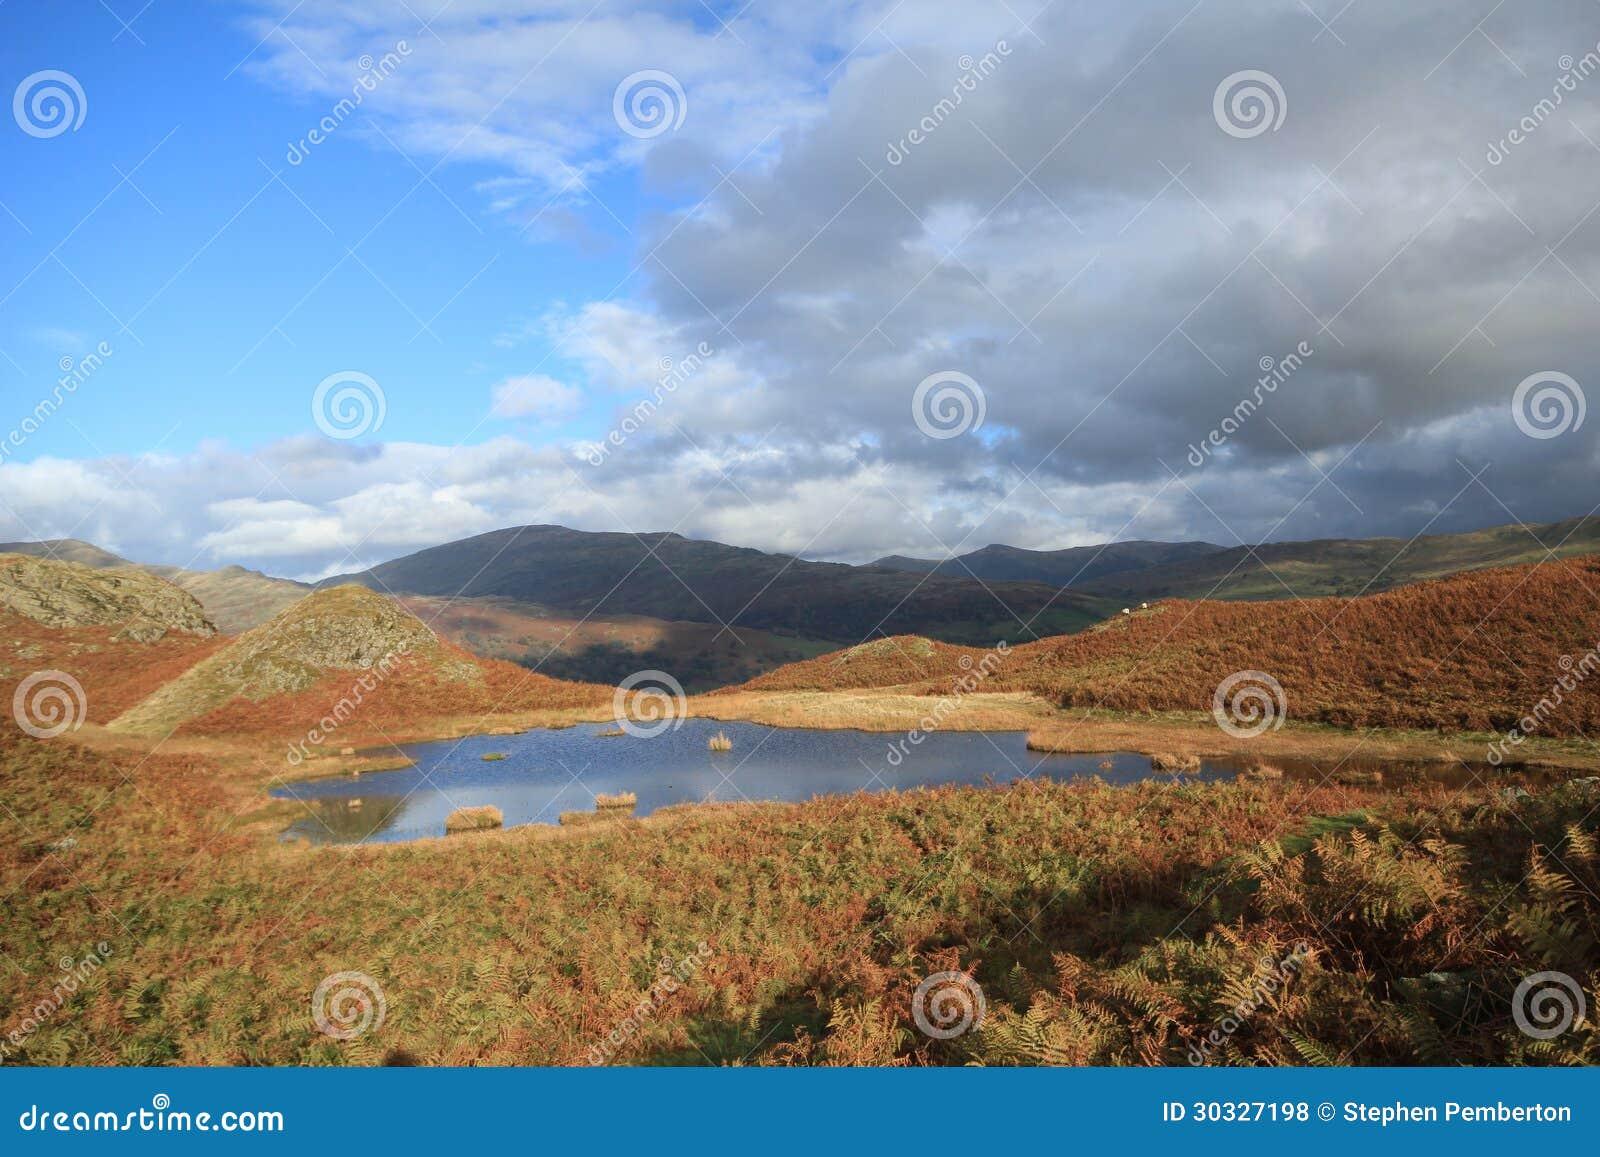 可爱的百合Tarn.Loughrigg落, Cumbria,英国。